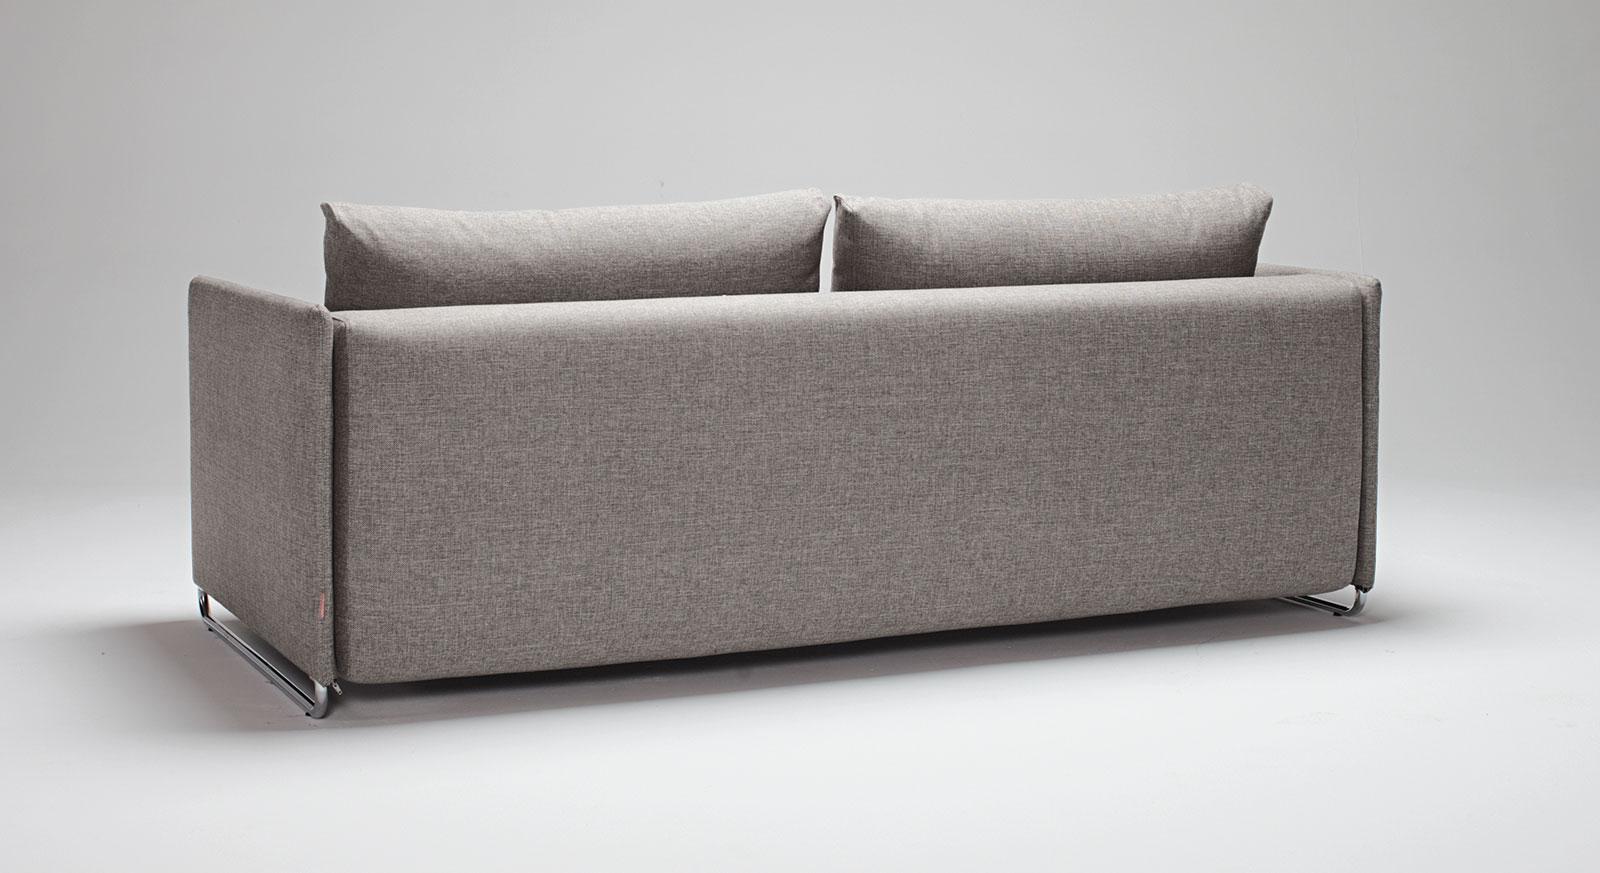 Rückansicht des Schlafsofa Holywell in Grau